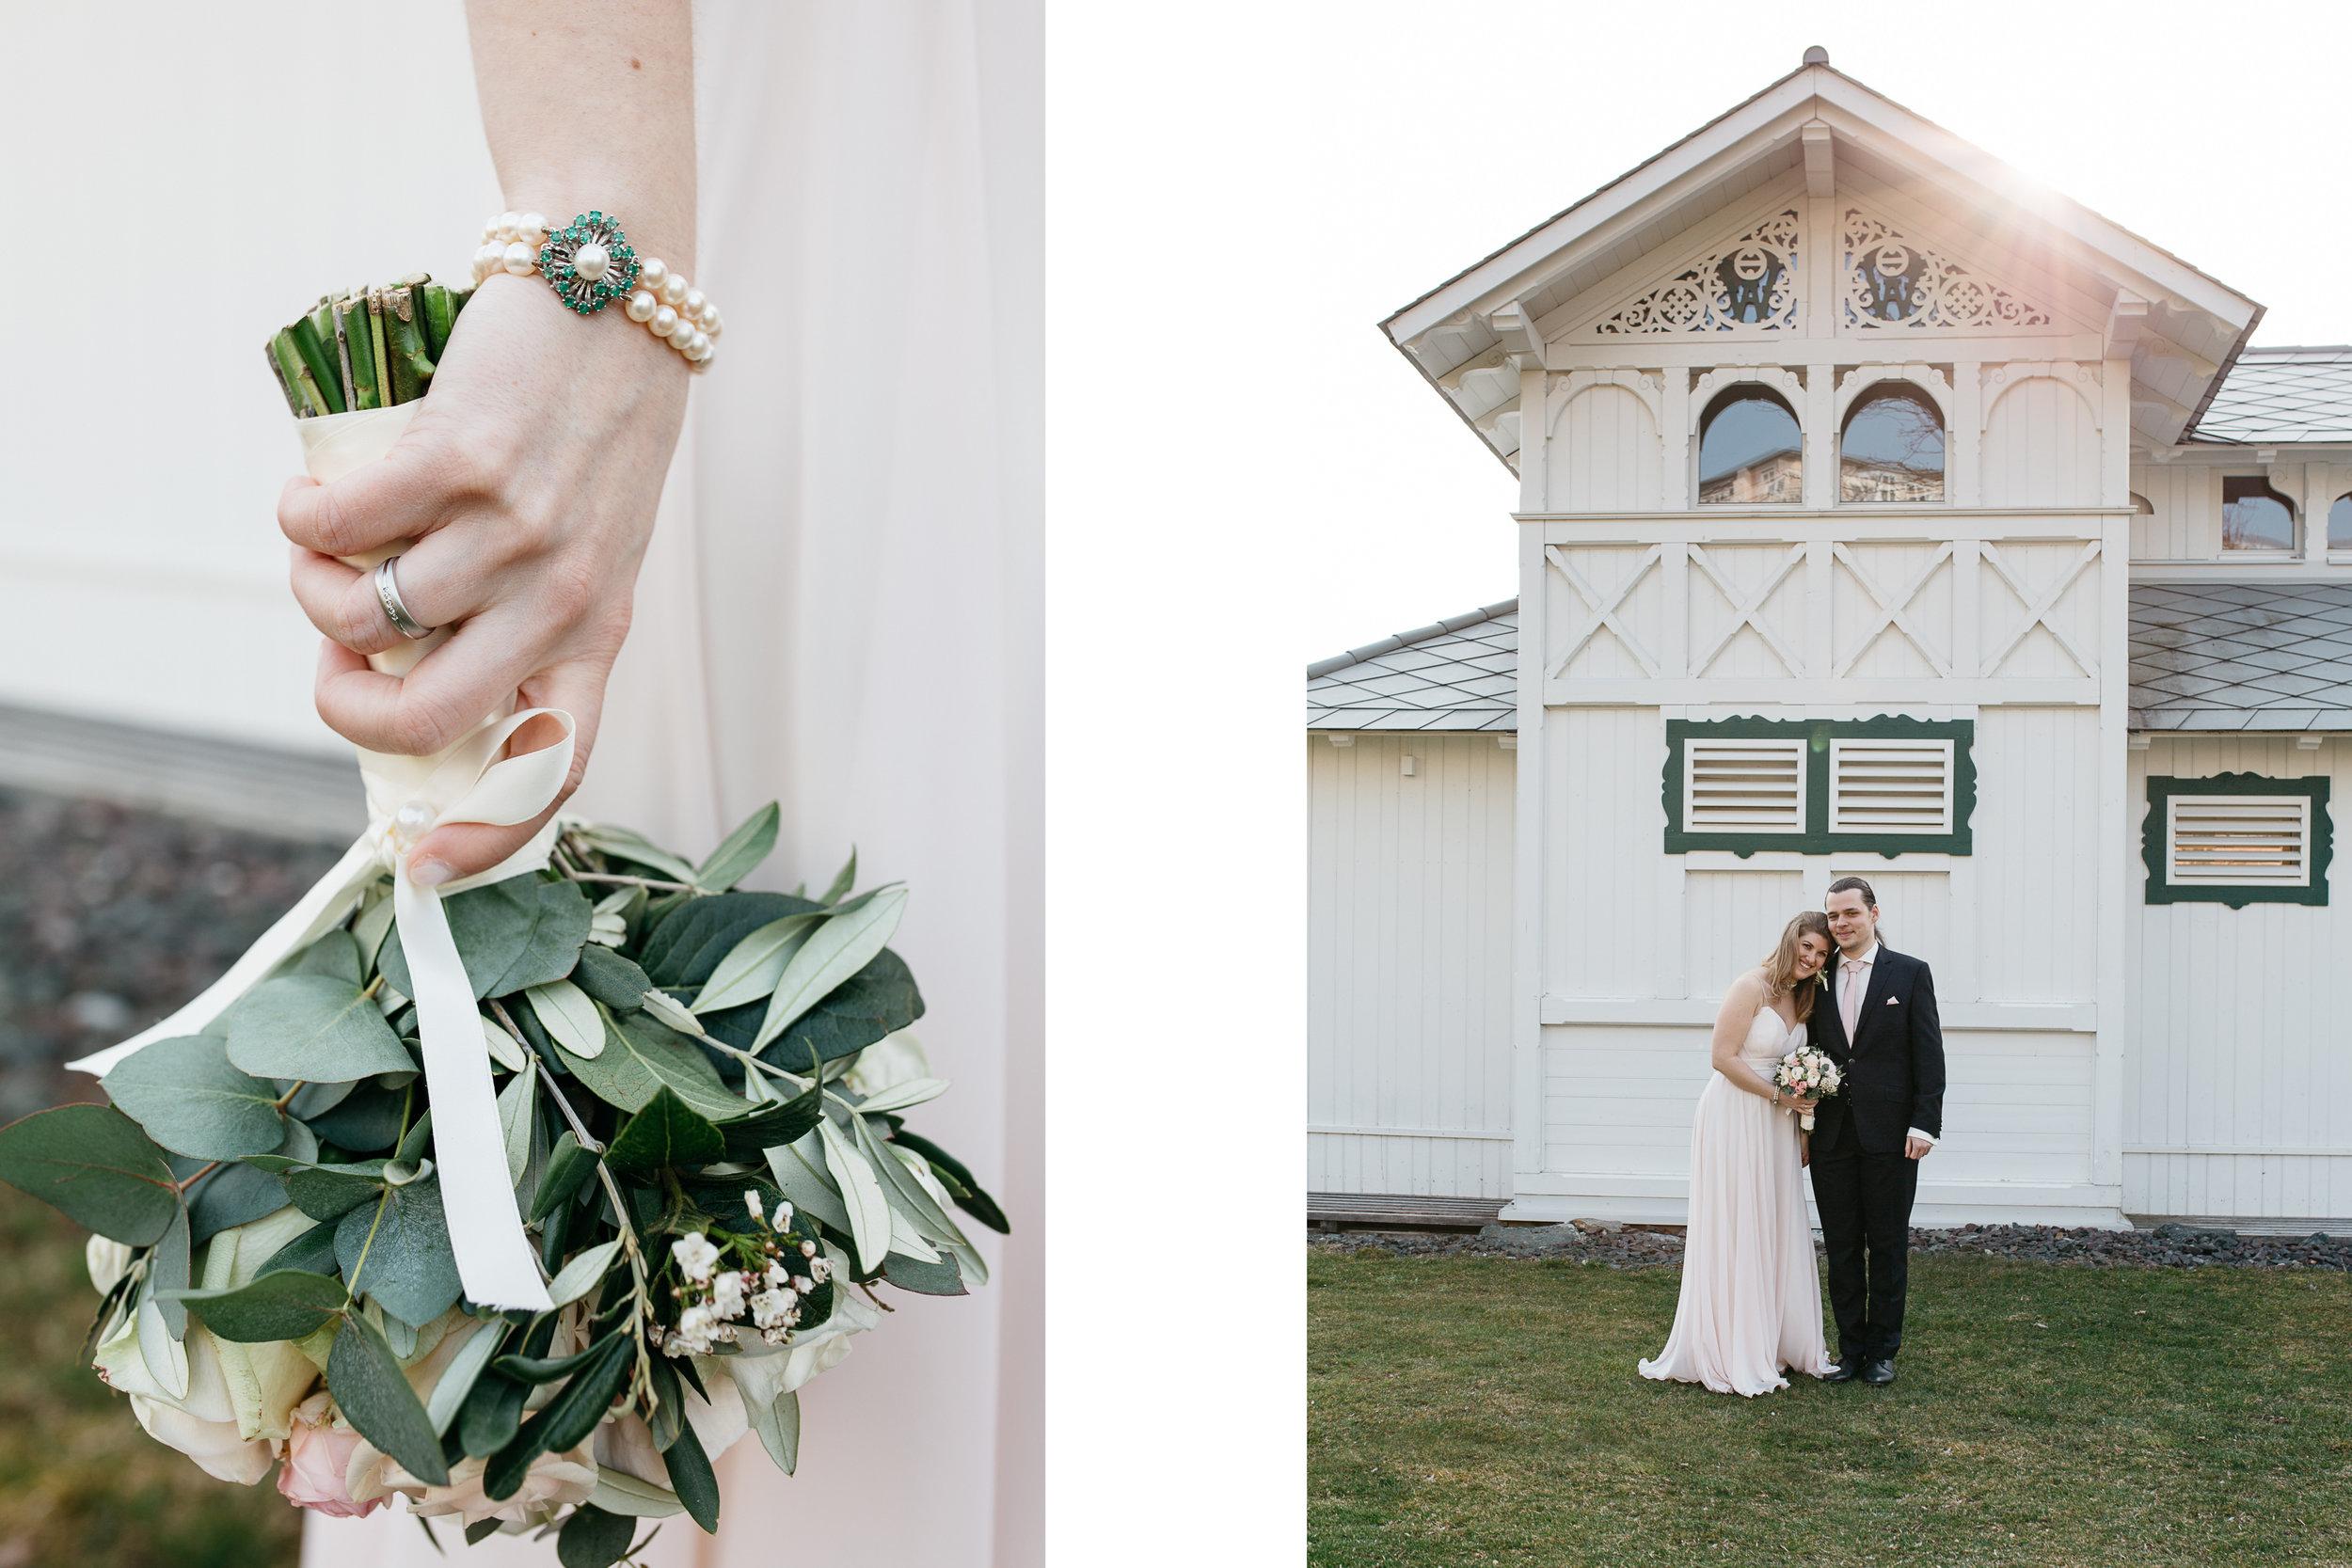 spring_lake_wedding_in_white_rose-17.jpg